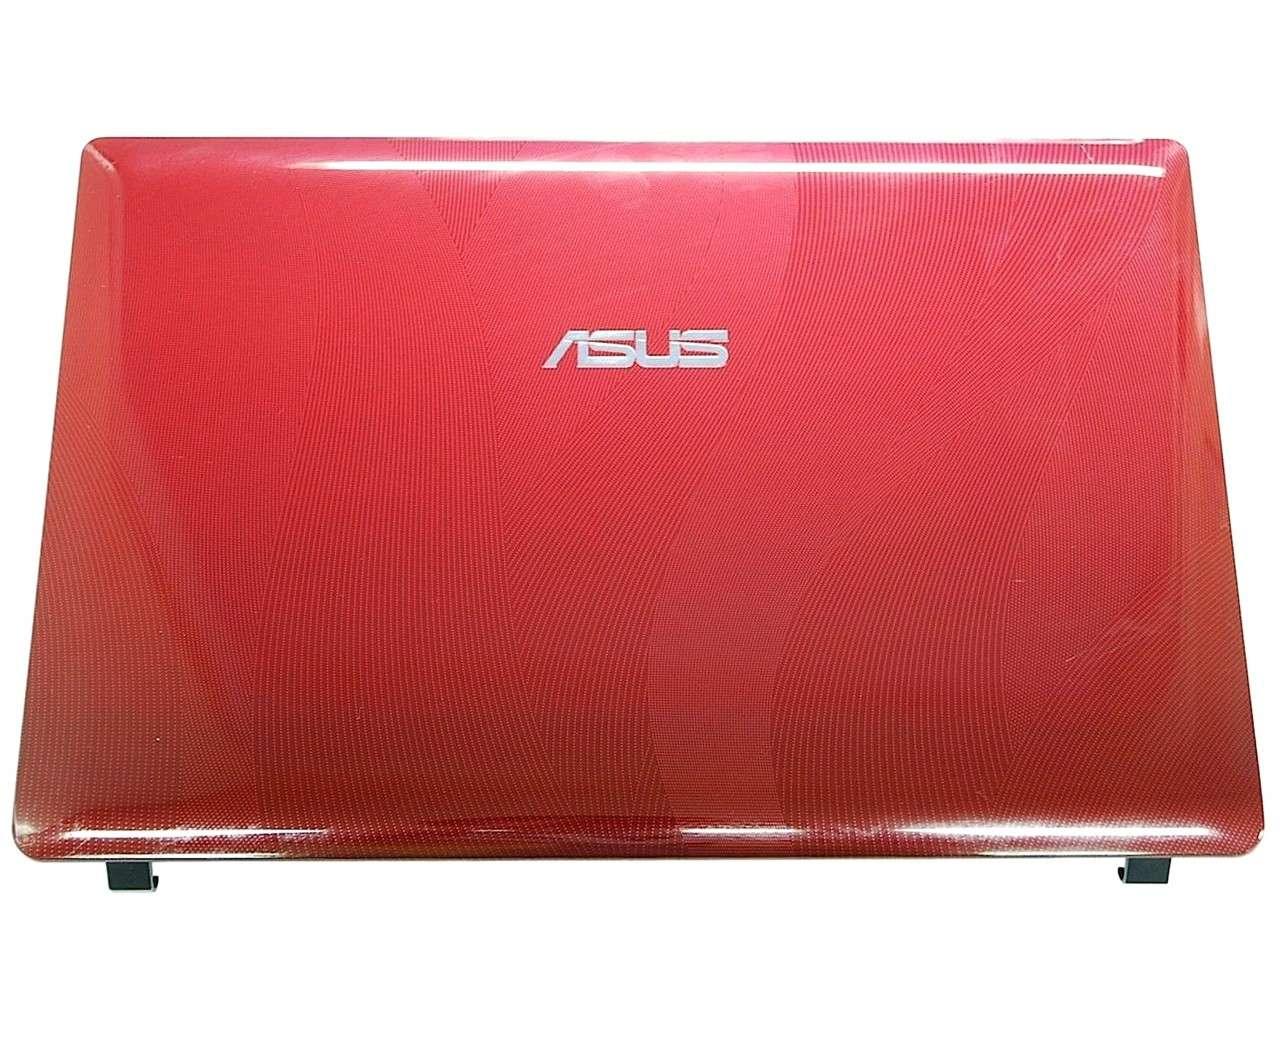 Capac Display BackCover Asus F200CA Carcasa Display Rosie imagine